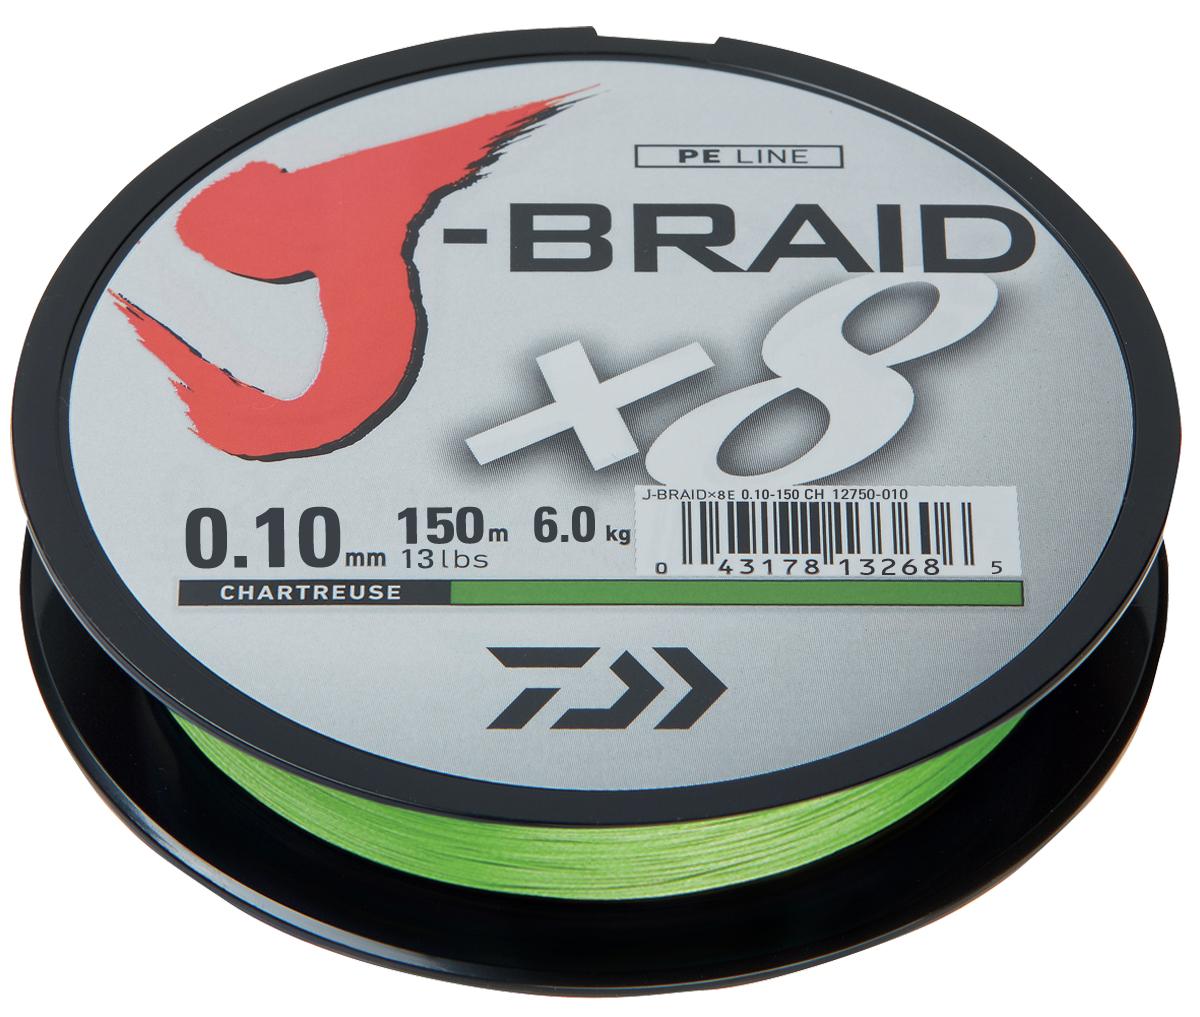 Леска плетеная DAIWA J-Braid X8 0,10мм 150м (флуор.-желтая)Леска плетеная<br>Новый J-Braid от DAIWA - исключительный шнур с <br>плетением в 8 нитей. Он полностью удовлетворяет <br>всем требованиям. предьявляемым высококачественным <br>плетеным шнурам. Неважно, собрались ли вы <br>ловить крупных морских хищников, как палтус, <br>треска или спйда, или окуня и судака, с вашим <br>новым J-Braid вы всегда контролируете рыбу. <br>J-Braid предлагает соответствующий диаметр <br>для любых техник ловли: море, река или озеро <br>- невероятно прочный и надежный. J-Braid скользит <br>через кольца, обеспечивая дальний и точный <br>заброс даже самых легких приманок. Идеален <br>для спиннинговых и бейткастинговых катушек! <br>Невероятное соотношение цены и качества! <br>-Плетение 8 нитей -Круглое сечение -Высокая <br>прочность на разрыв -Высокая износостойкость <br>-Не растягивается -Сделан в Японии<br>